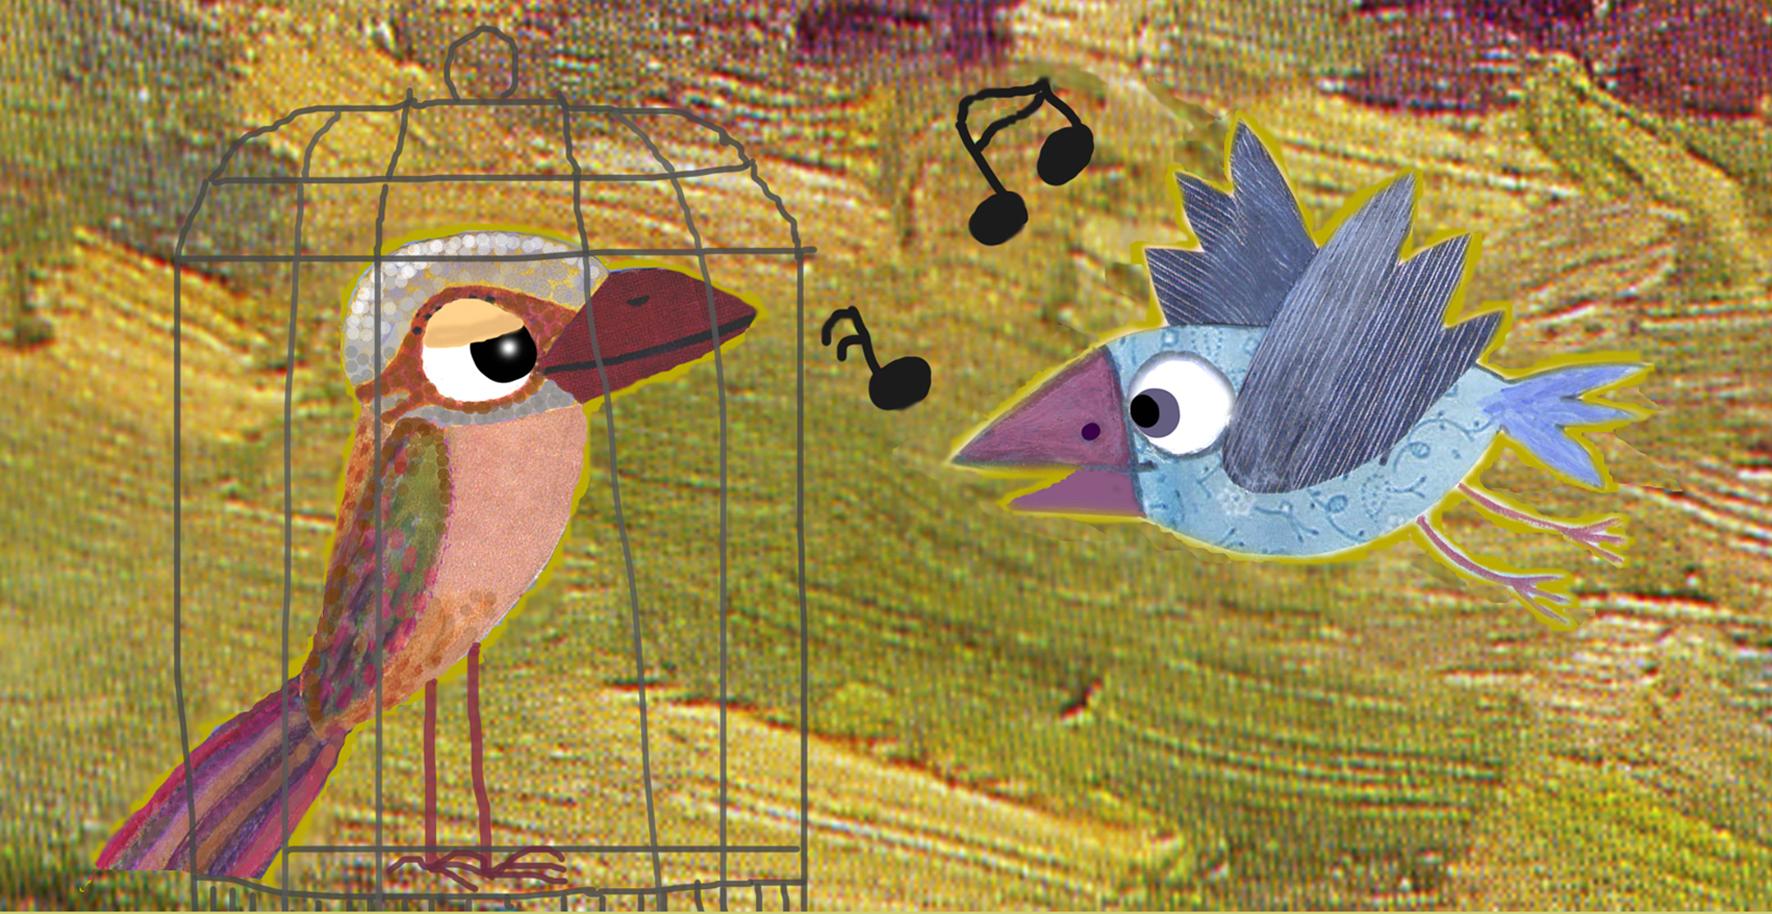 Pájaros fábula para niños